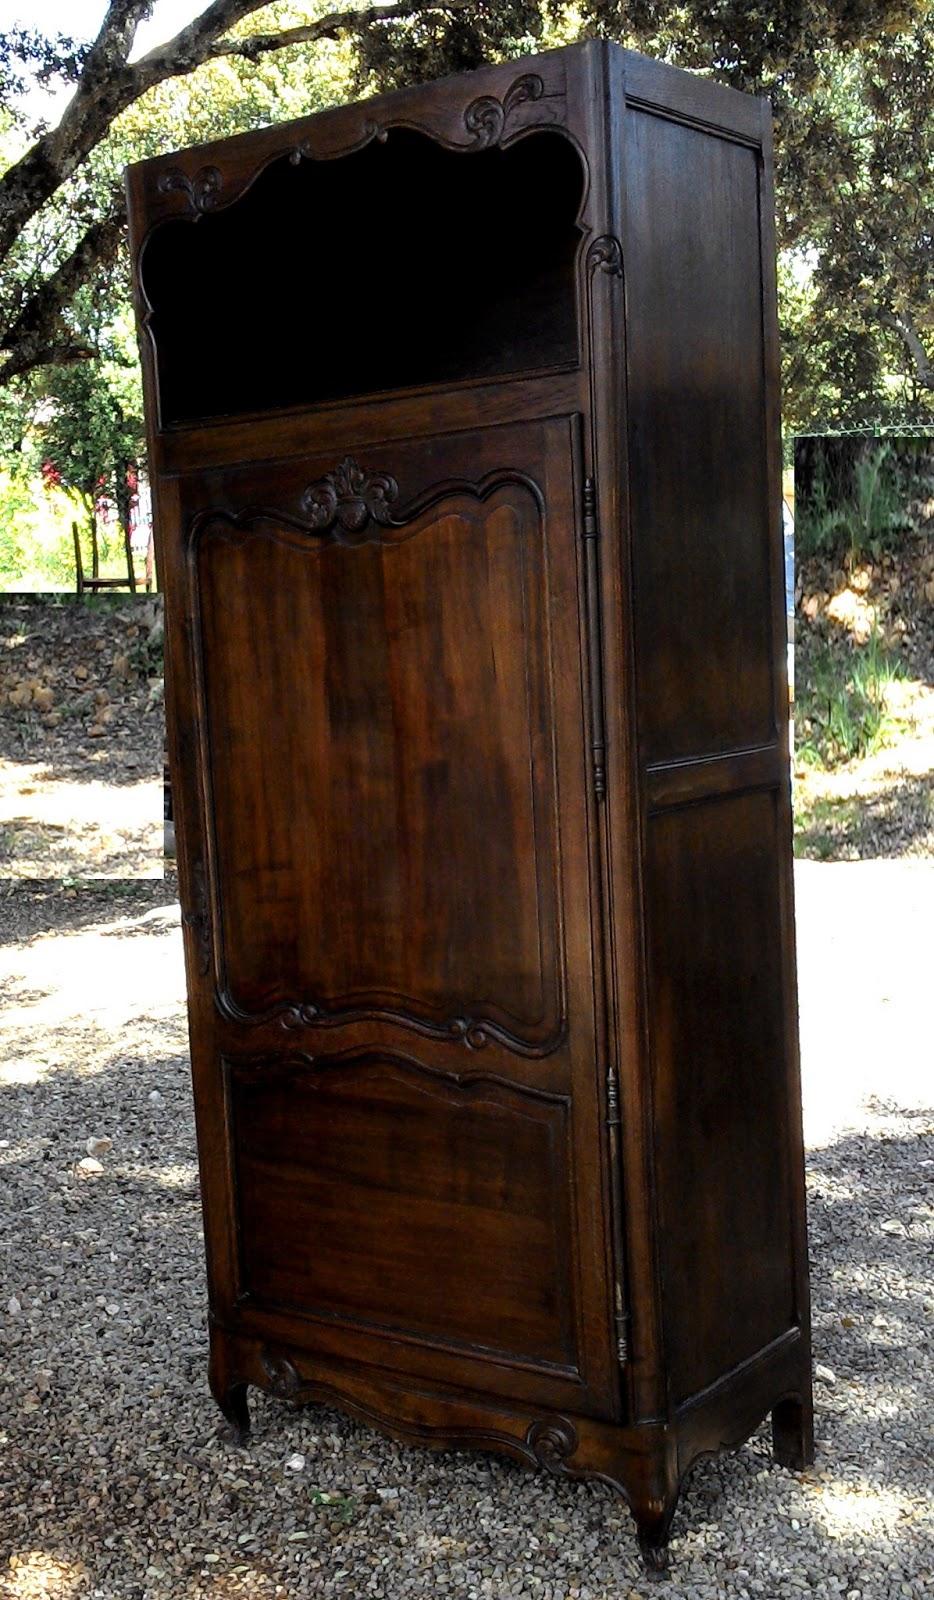 ancien meuble armoire bonneti re pieds coquille a niche homme debout chambre ch ne antique. Black Bedroom Furniture Sets. Home Design Ideas